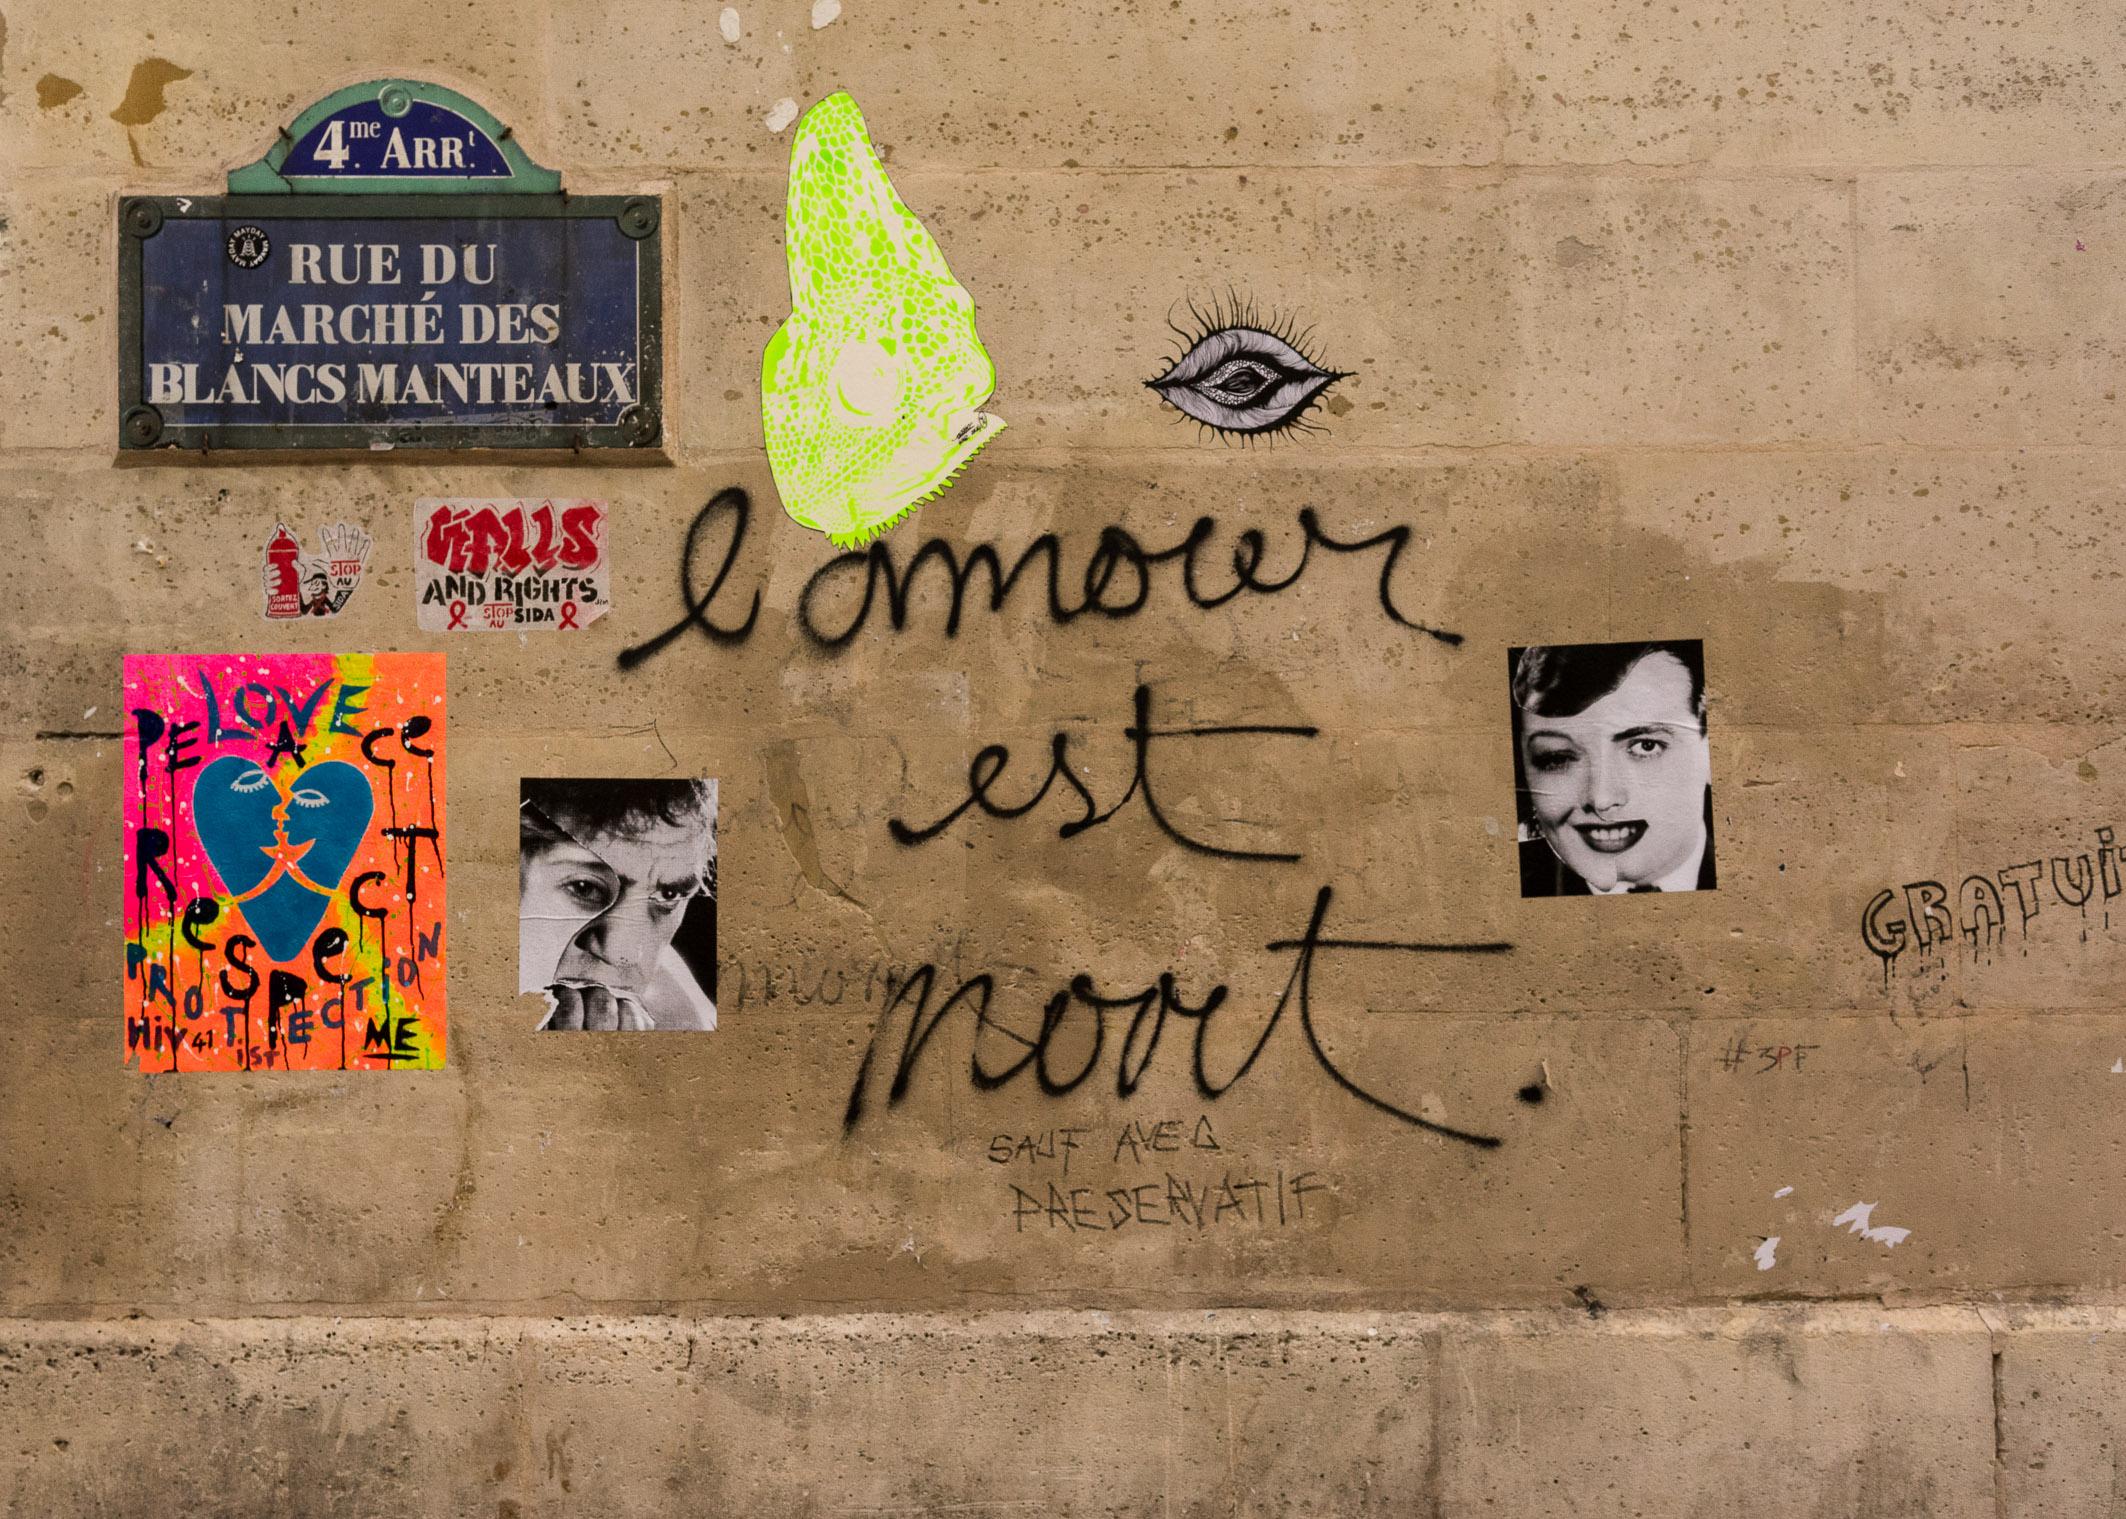 erwt paris-6.jpg